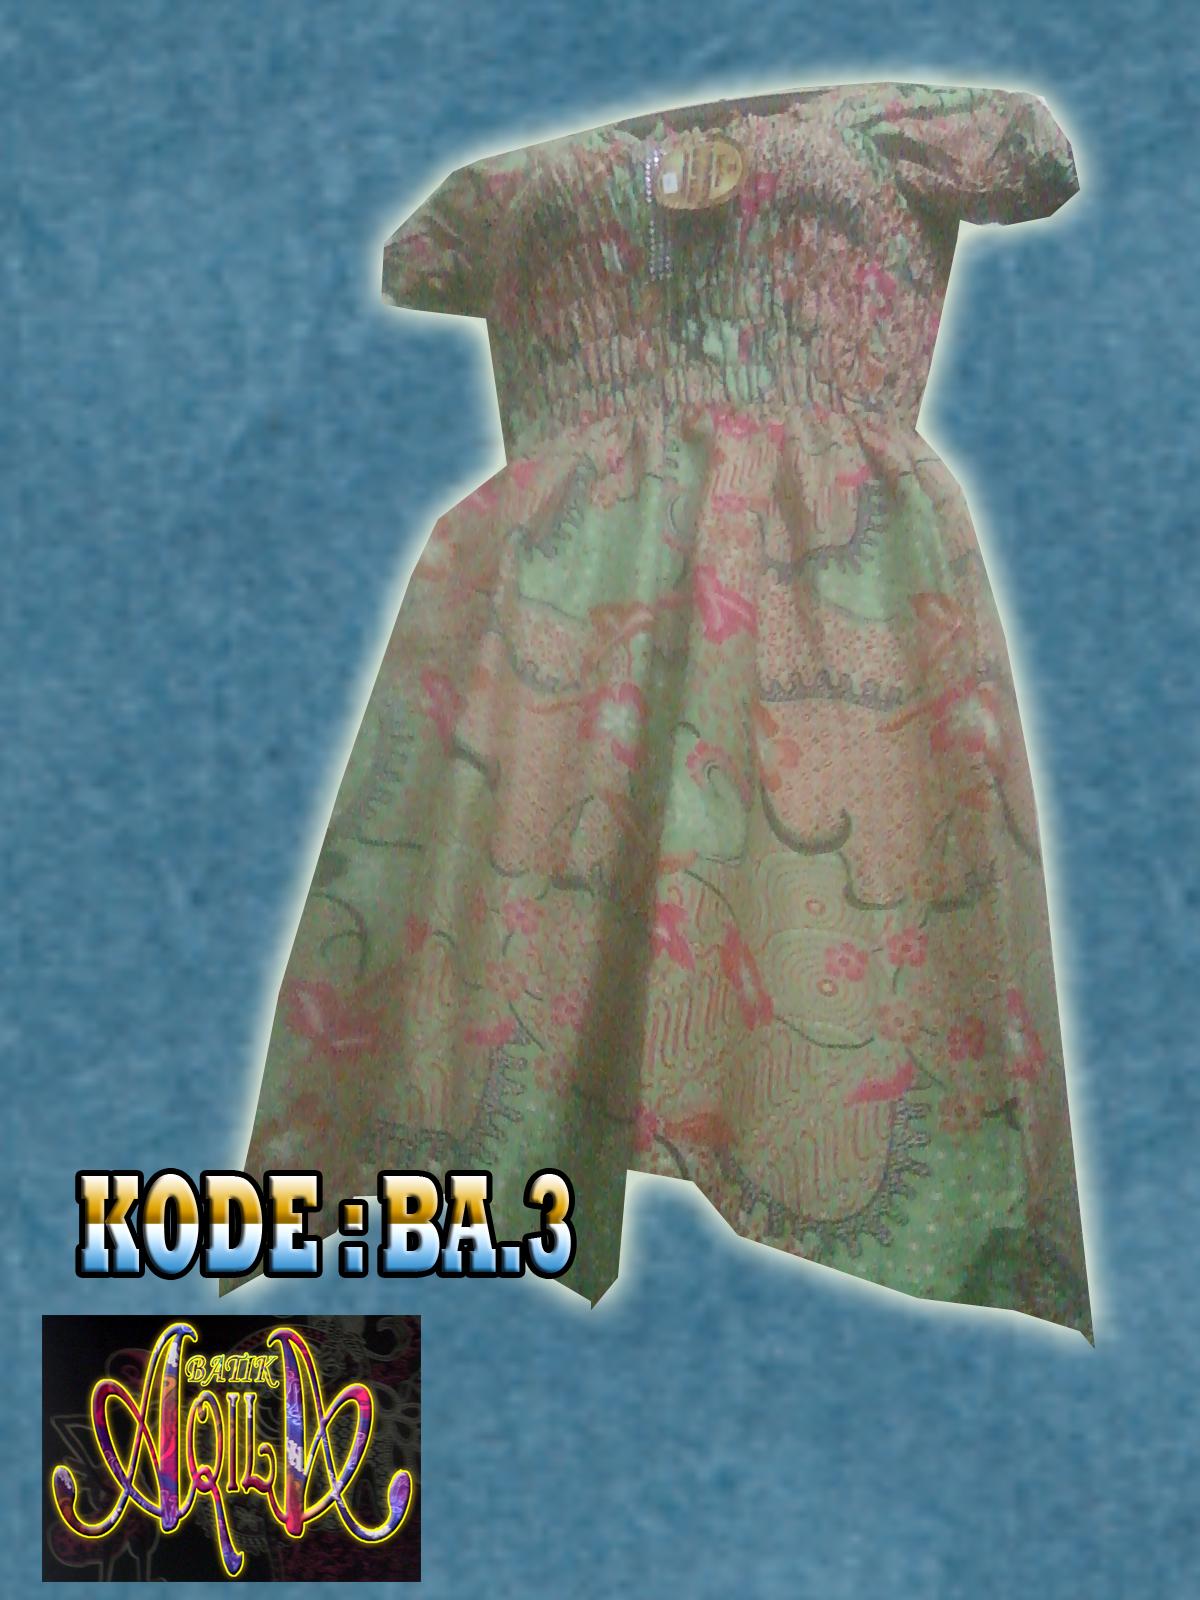 BAJU ATASAN BATIK WANITA KODE BA3, Batik Halus, tidak Panas dipakai, cocok untuk digunakan sebagai baju harian anda untuk waktu bersantai anda.SPECIAL PRICE Rp. 45.000/potong, informasi hubungi : 085742125550 (Indosat),http://batikaqila.blogspot.com